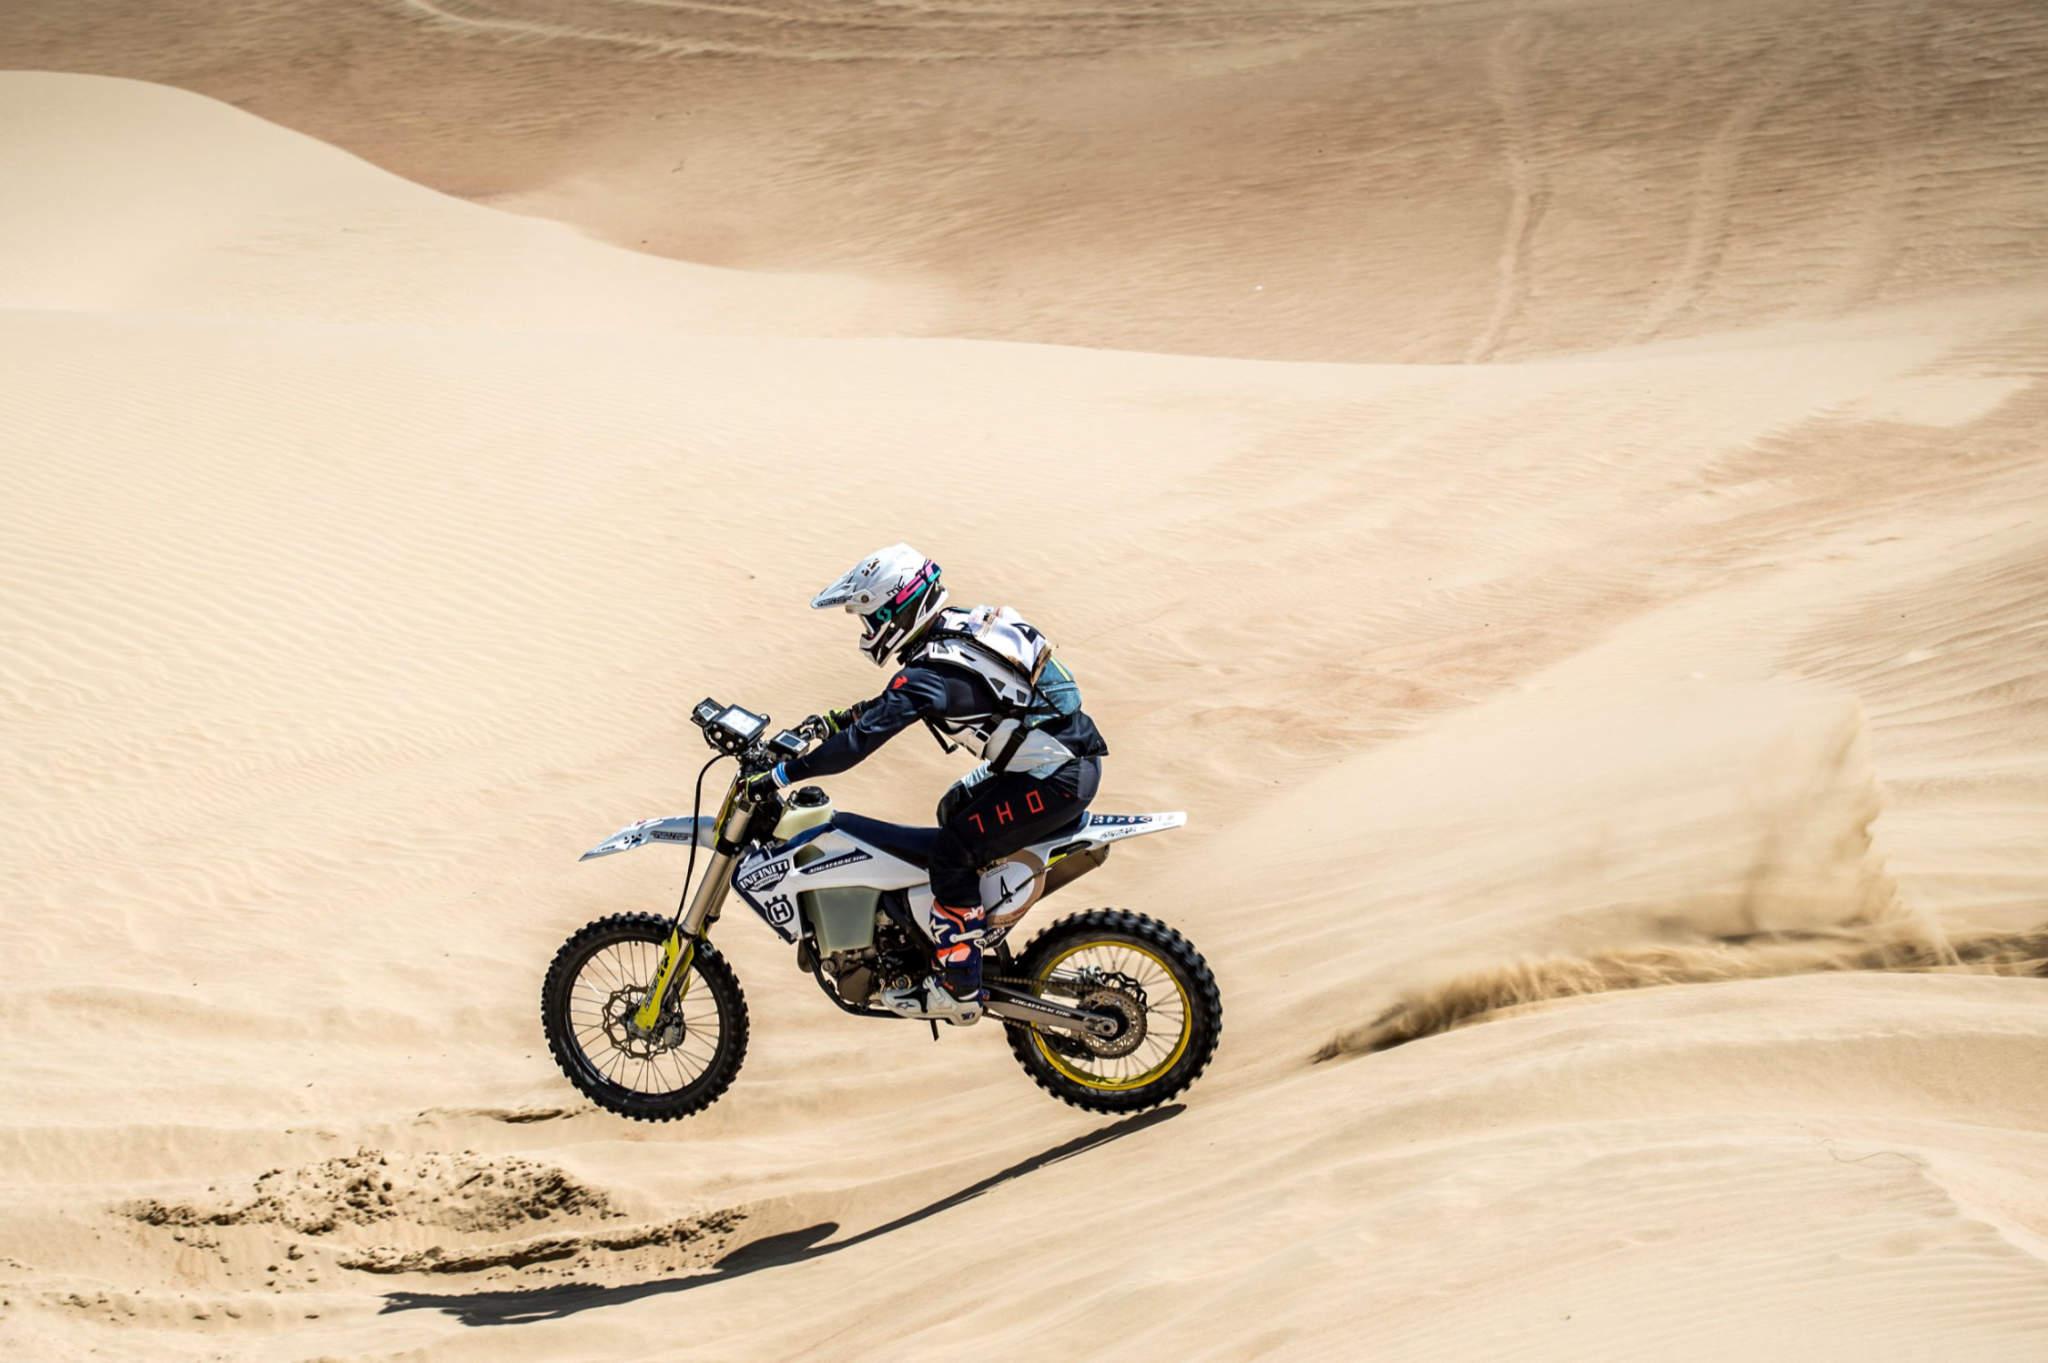 Aaron Mare, Dubai International Baja 2019